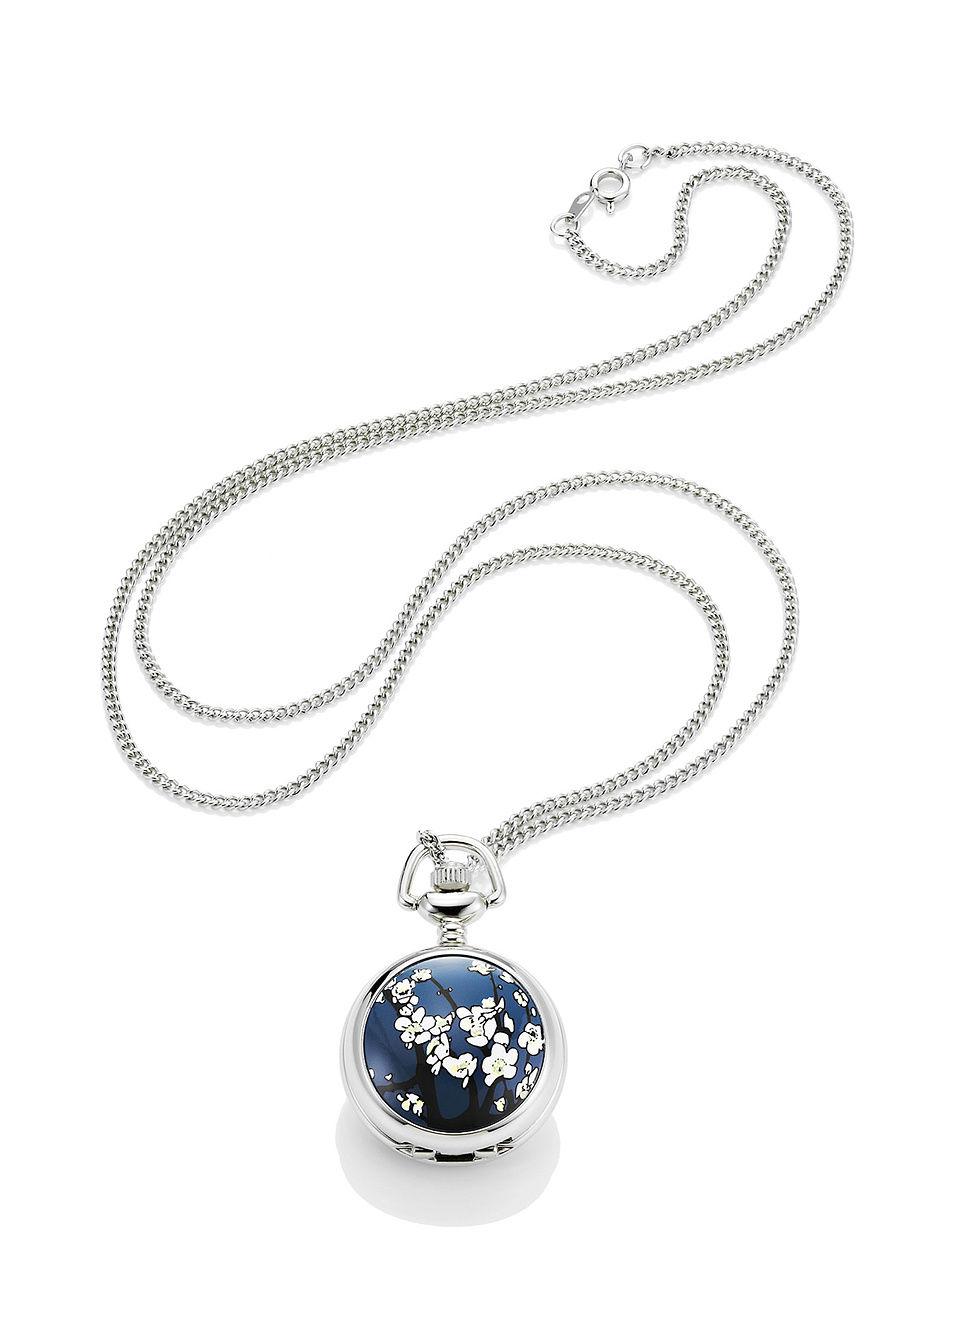 Zegarek na ?a?cuszku bonprix srebrno-niebieski w kwiaty